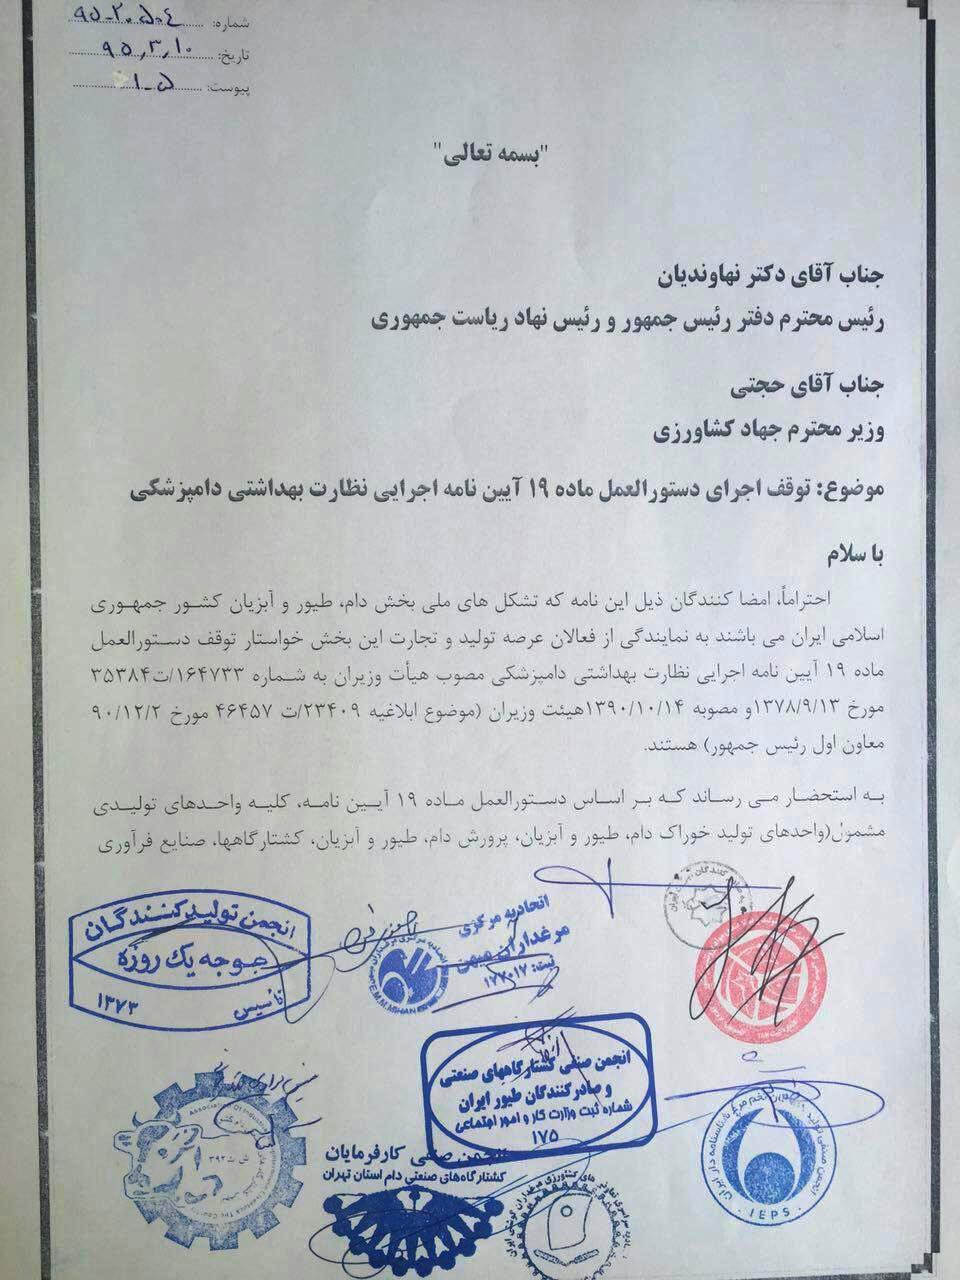 اطلاعیه انجمن صنفی مسئولین فنی و ناظرین بهداشتی دامپزشکی استان تهران در خصوص توقف اجرای ماده 19